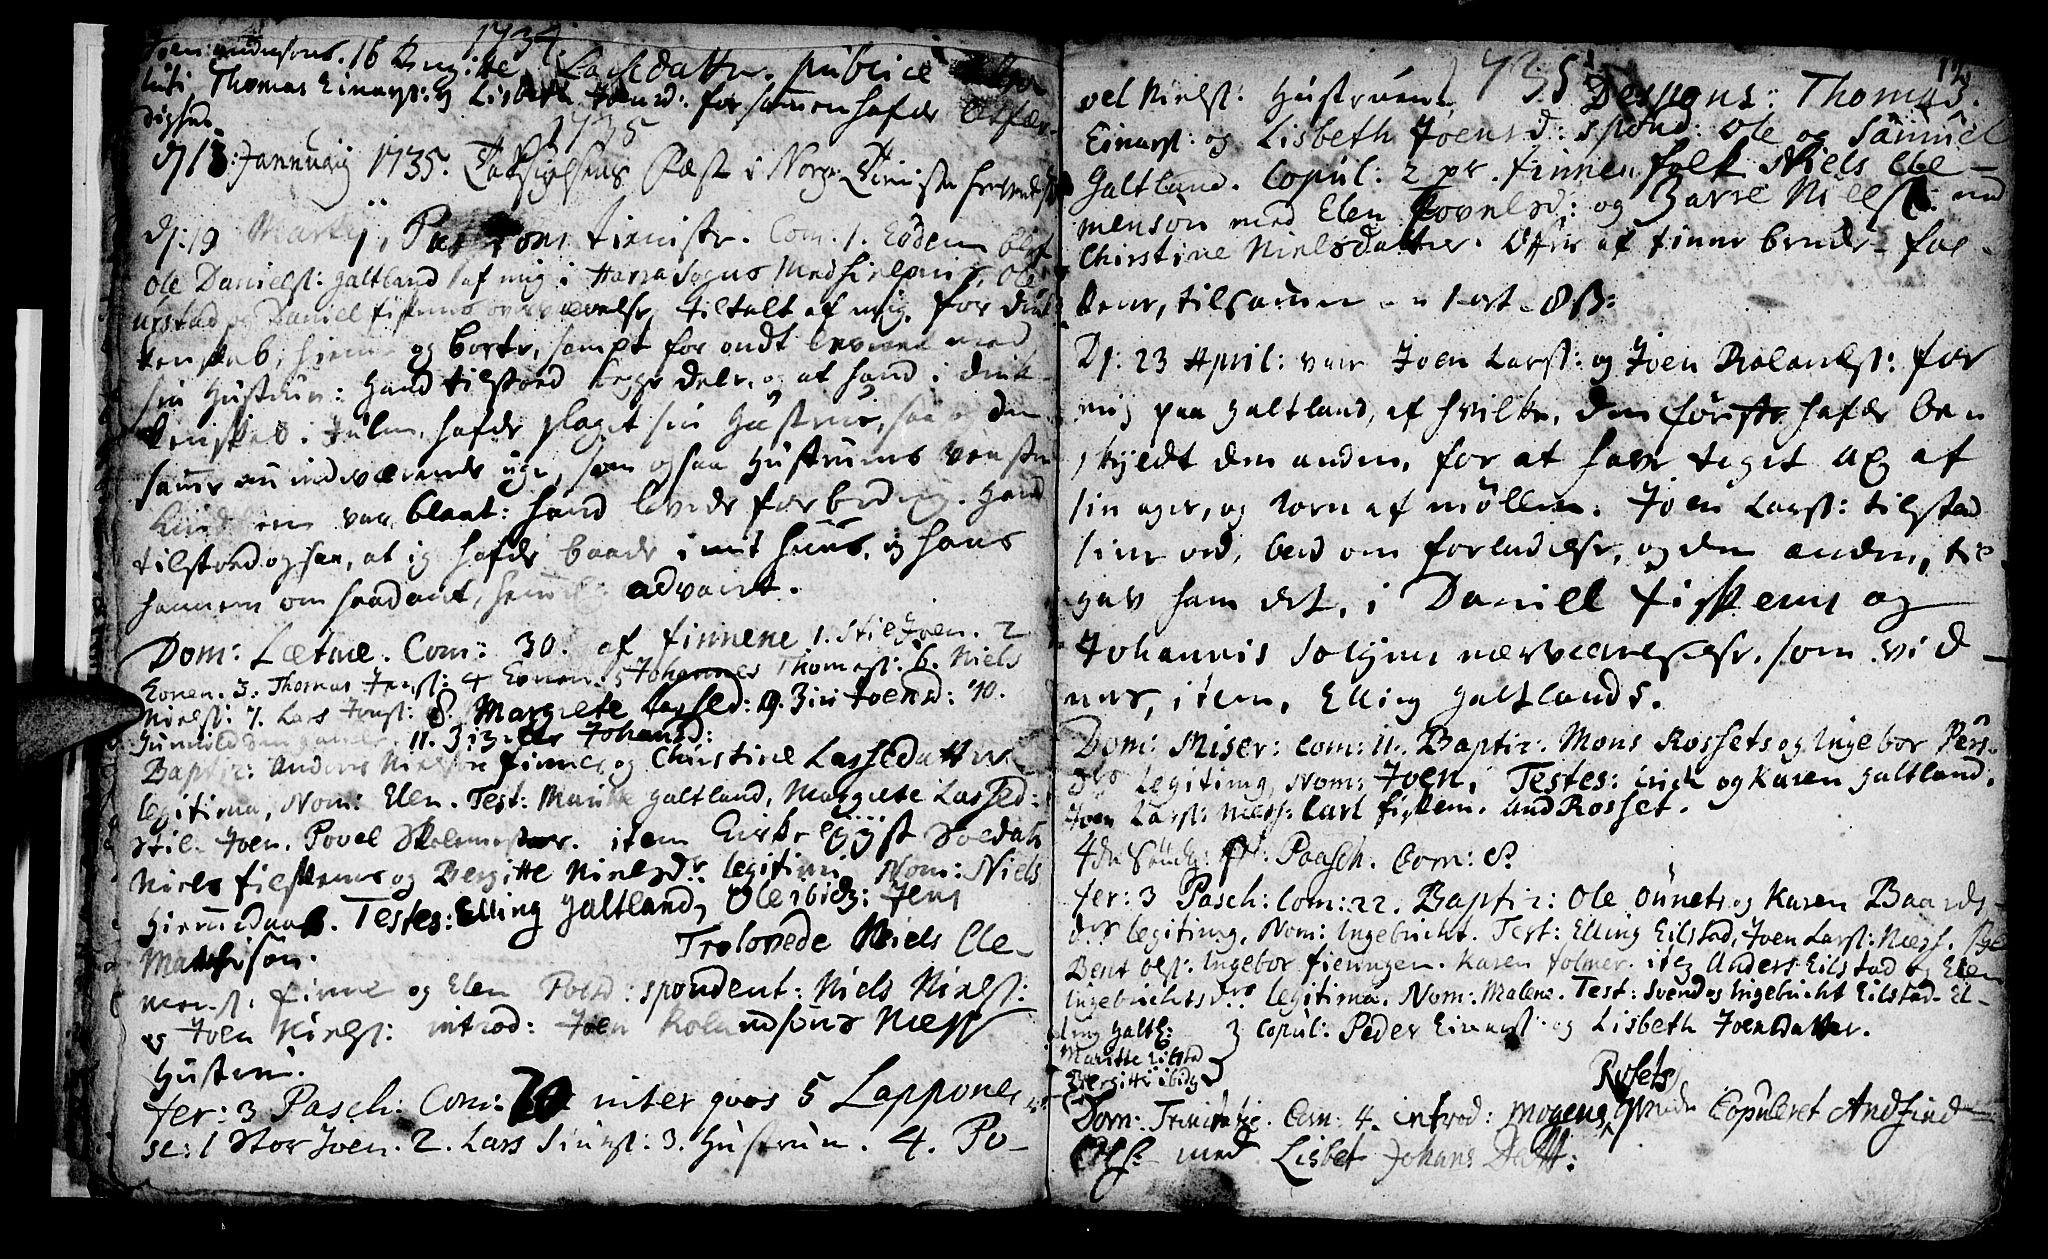 SAT, Ministerialprotokoller, klokkerbøker og fødselsregistre - Nord-Trøndelag, 759/L0525: Ministerialbok nr. 759A01, 1706-1748, s. 12